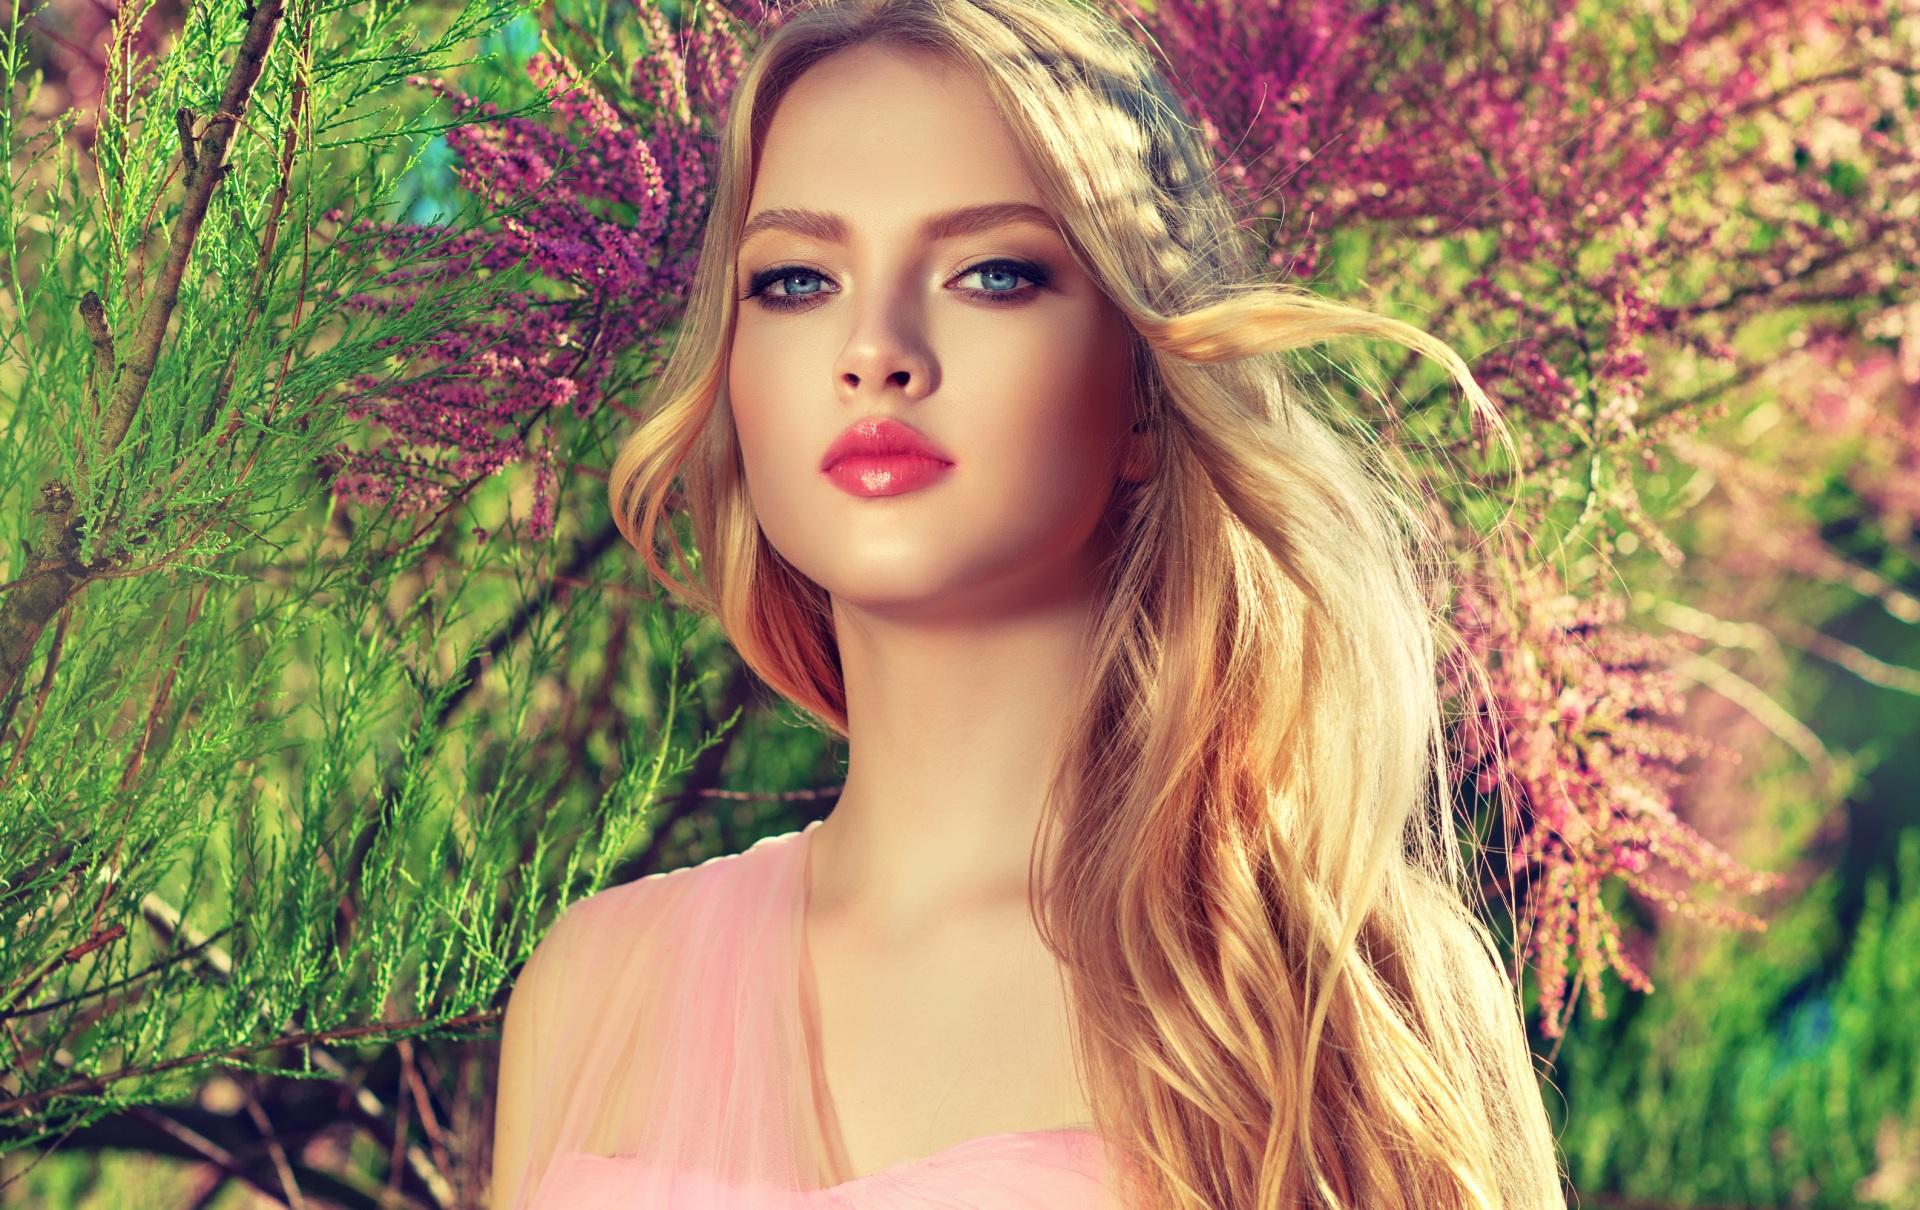 Обои для рабочего стола блондинки косметика на лице Красивые лица Девушки смотрят 1920x1210 блондинок Блондинка Макияж мейкап красивый красивая Лицо девушка молодые женщины молодая женщина Взгляд смотрит